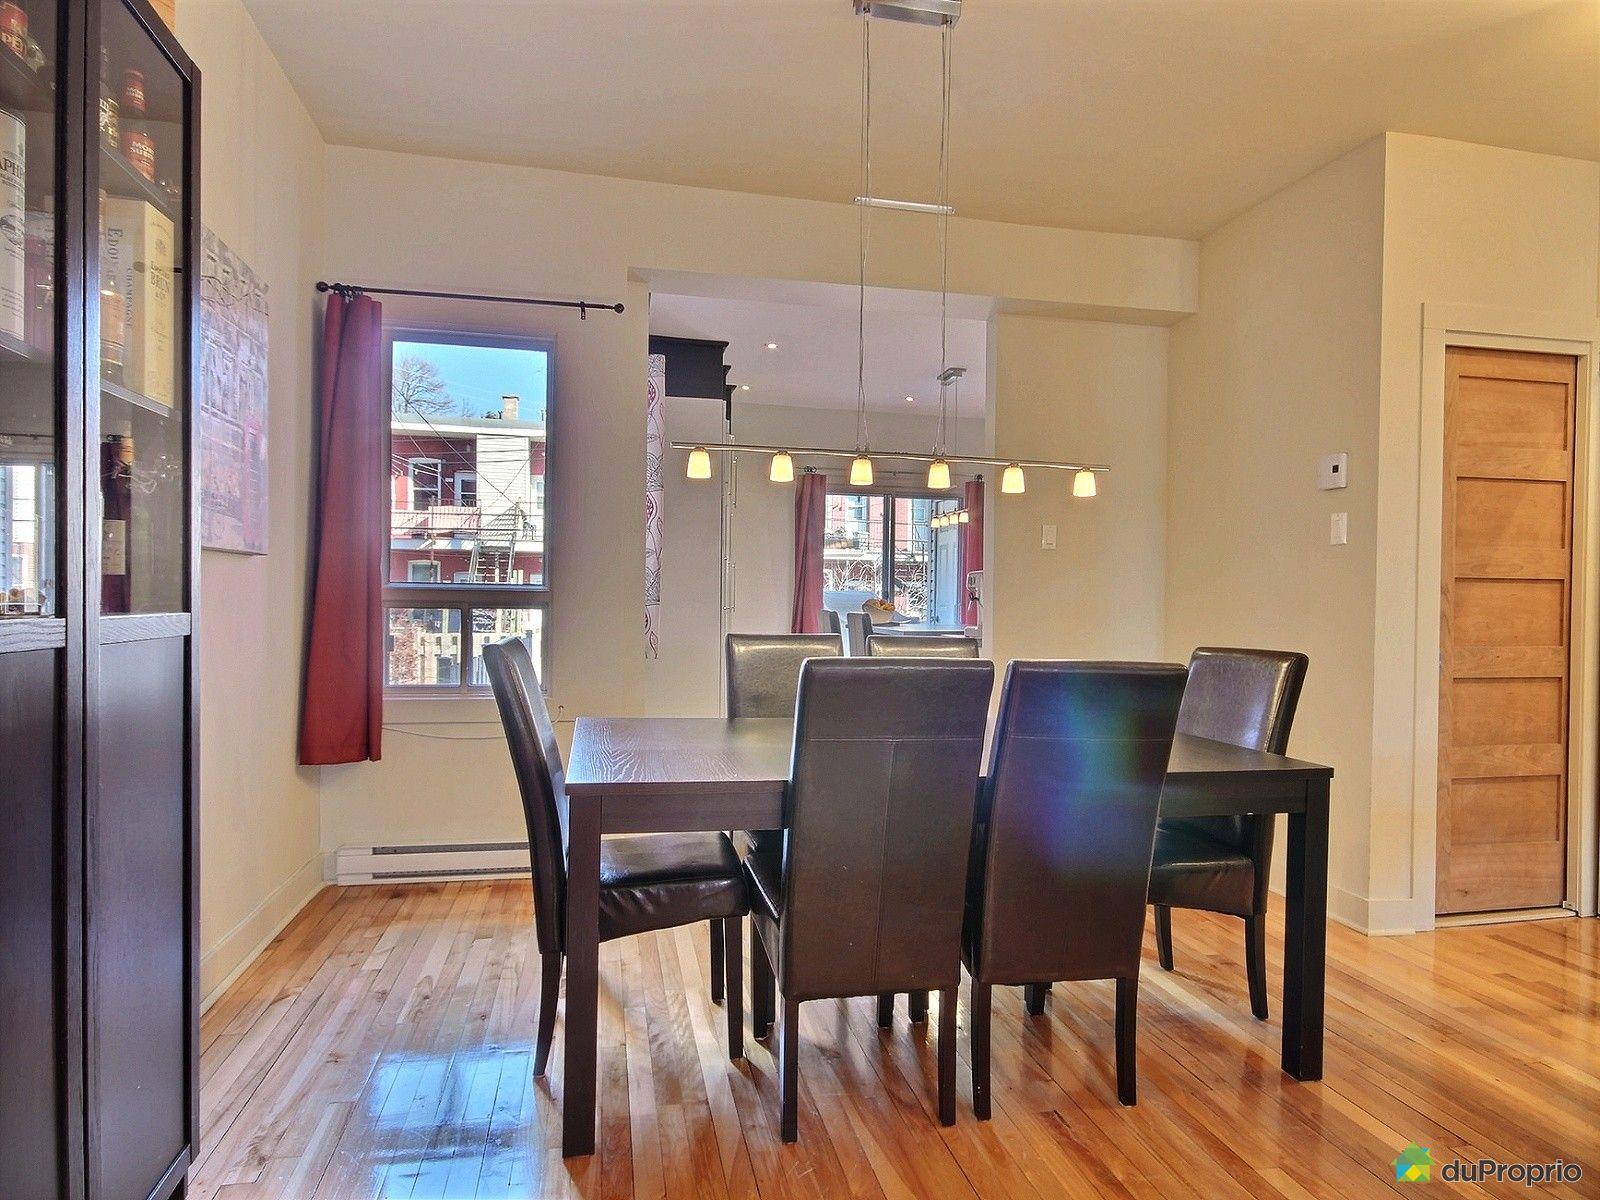 Maison vendre montr al 1071 5e avenue immobilier - Piscine interieure verdun montreal toulouse ...